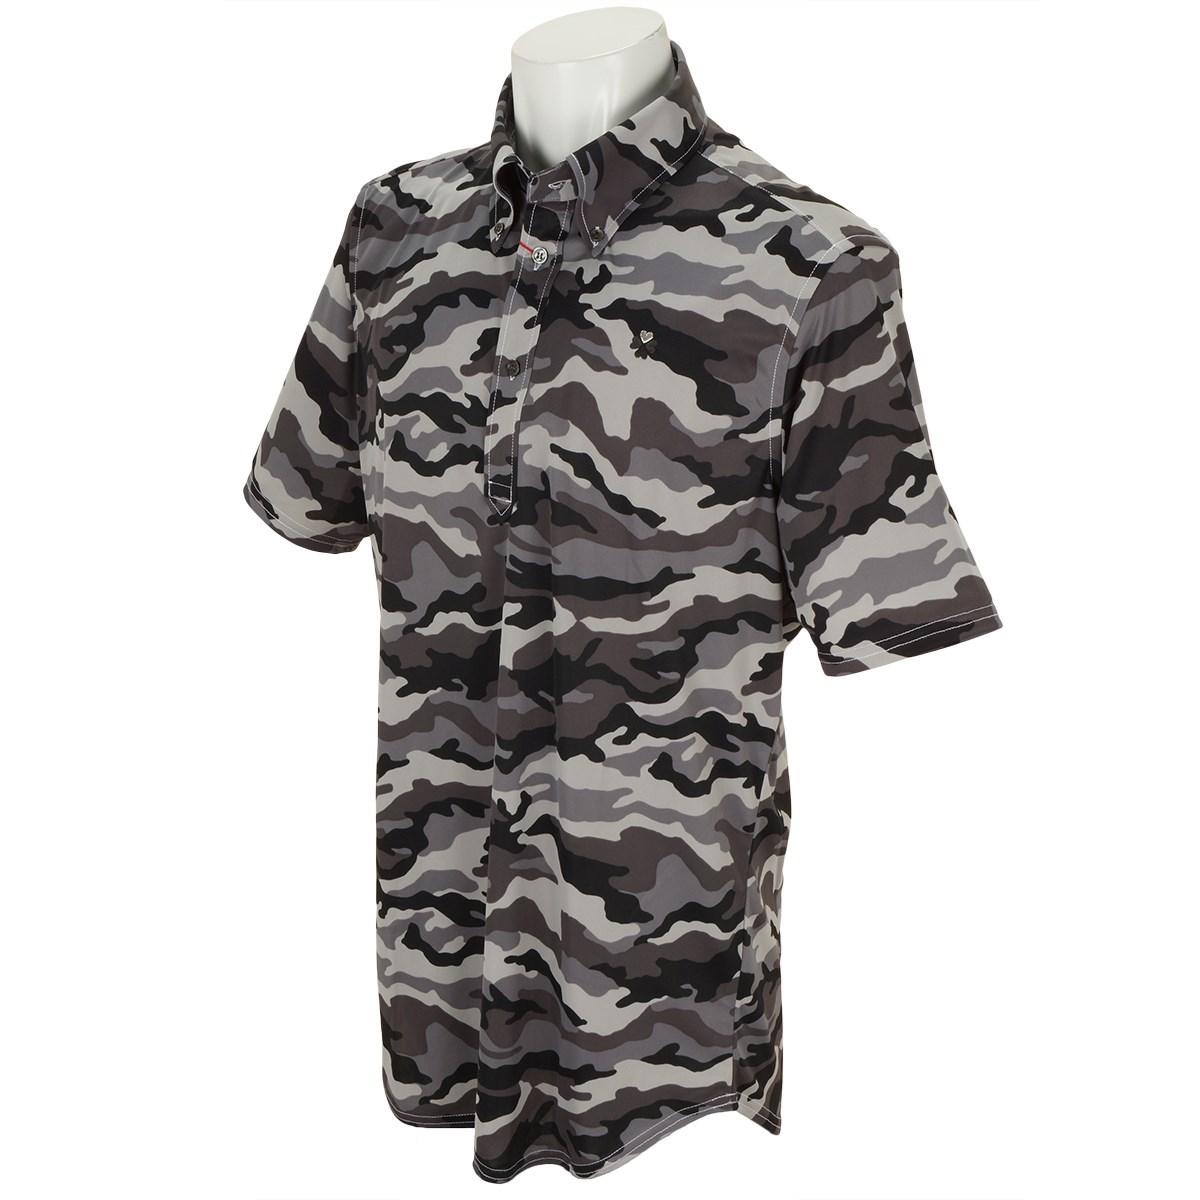 ブラッドシフト パターンボタンダウン半袖ポロシャツ